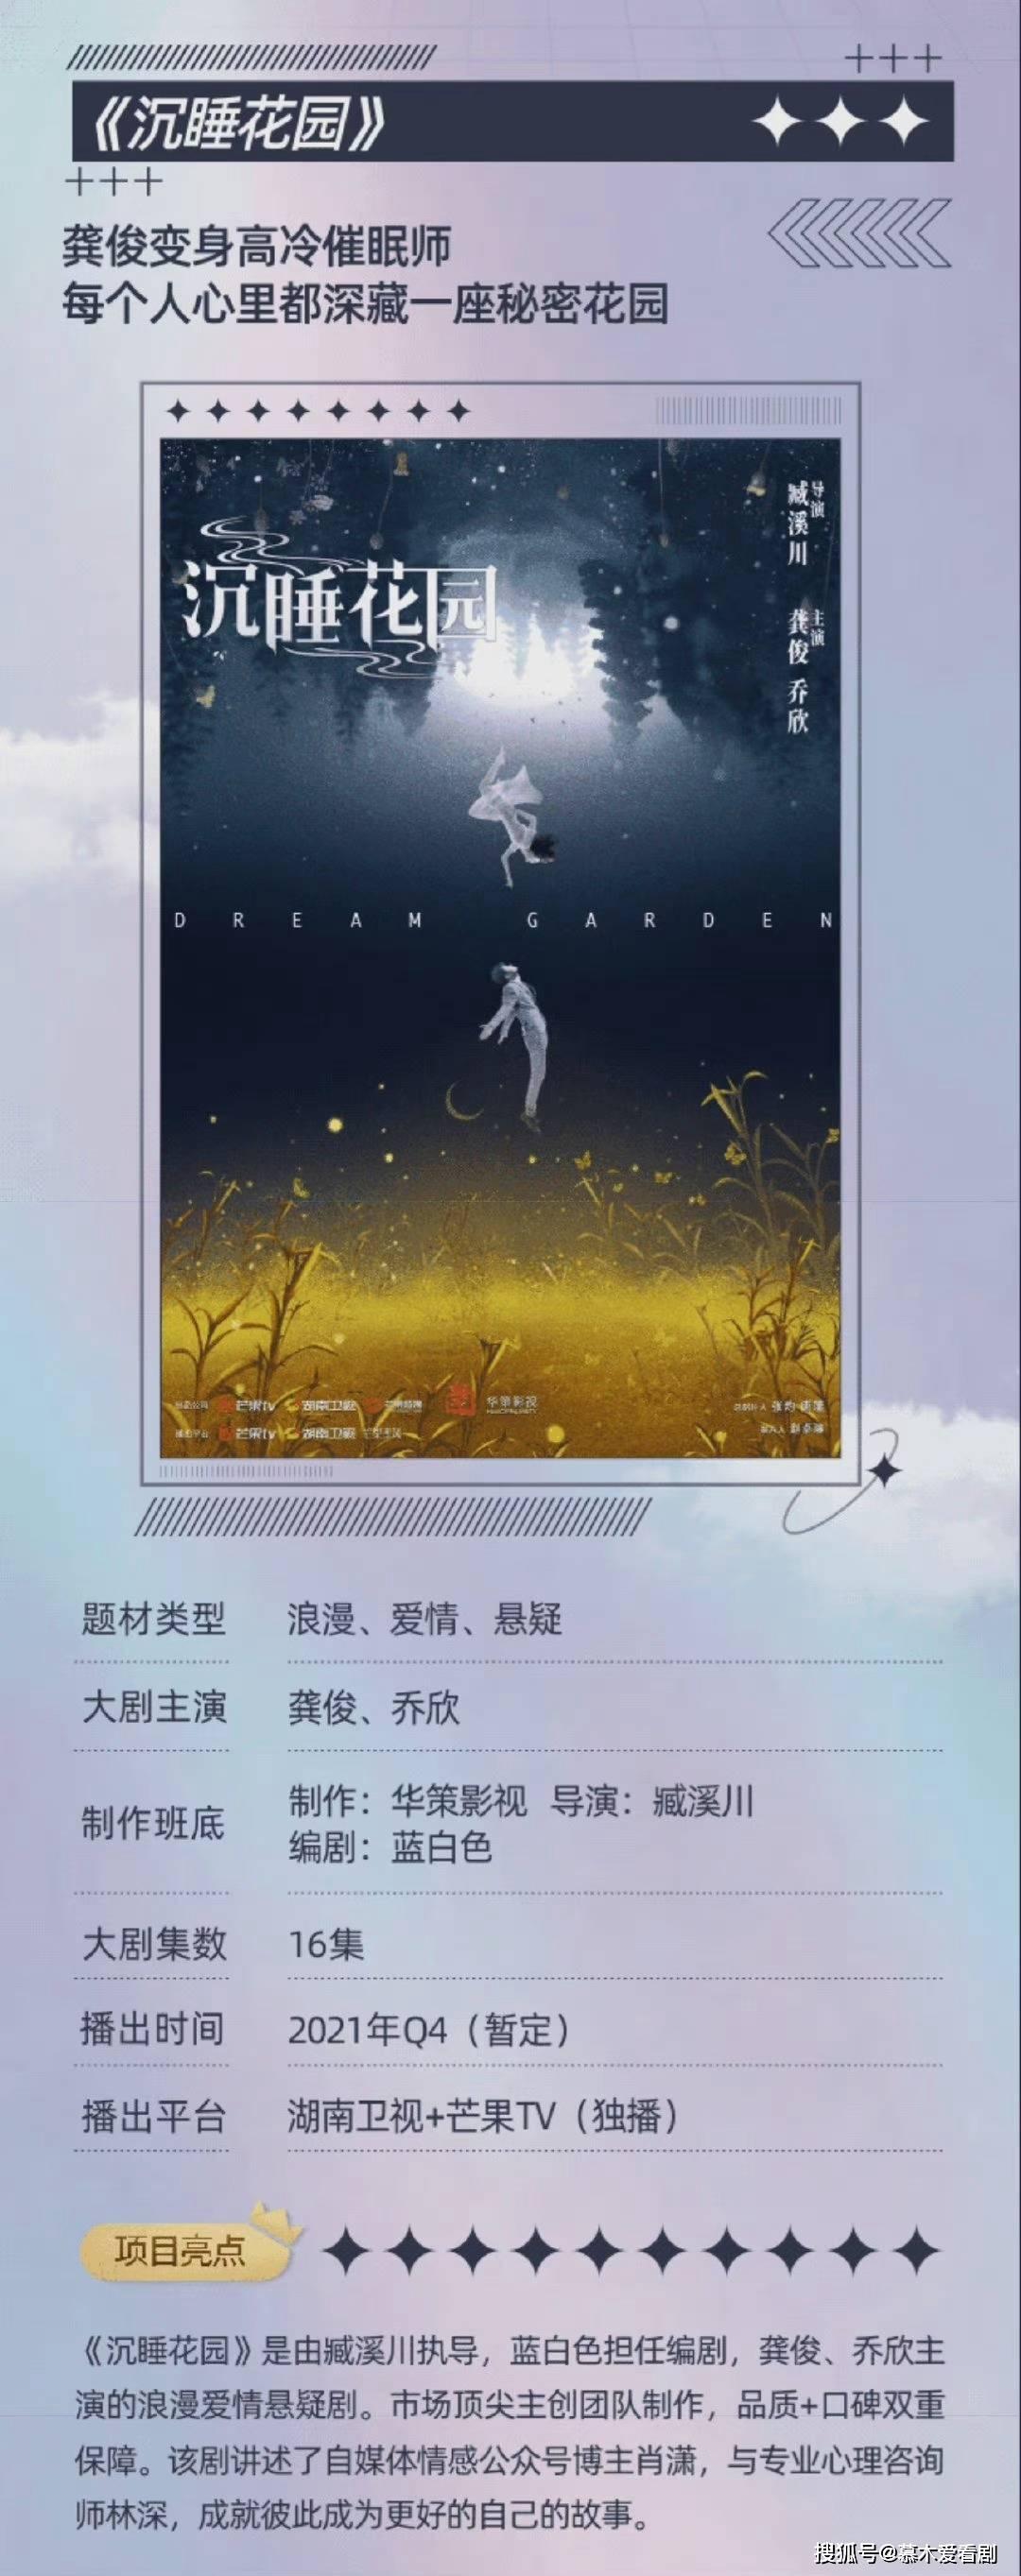 《沉睡花园》即将播出,龚俊乔欣的浪漫cp,你期待这部剧吗?